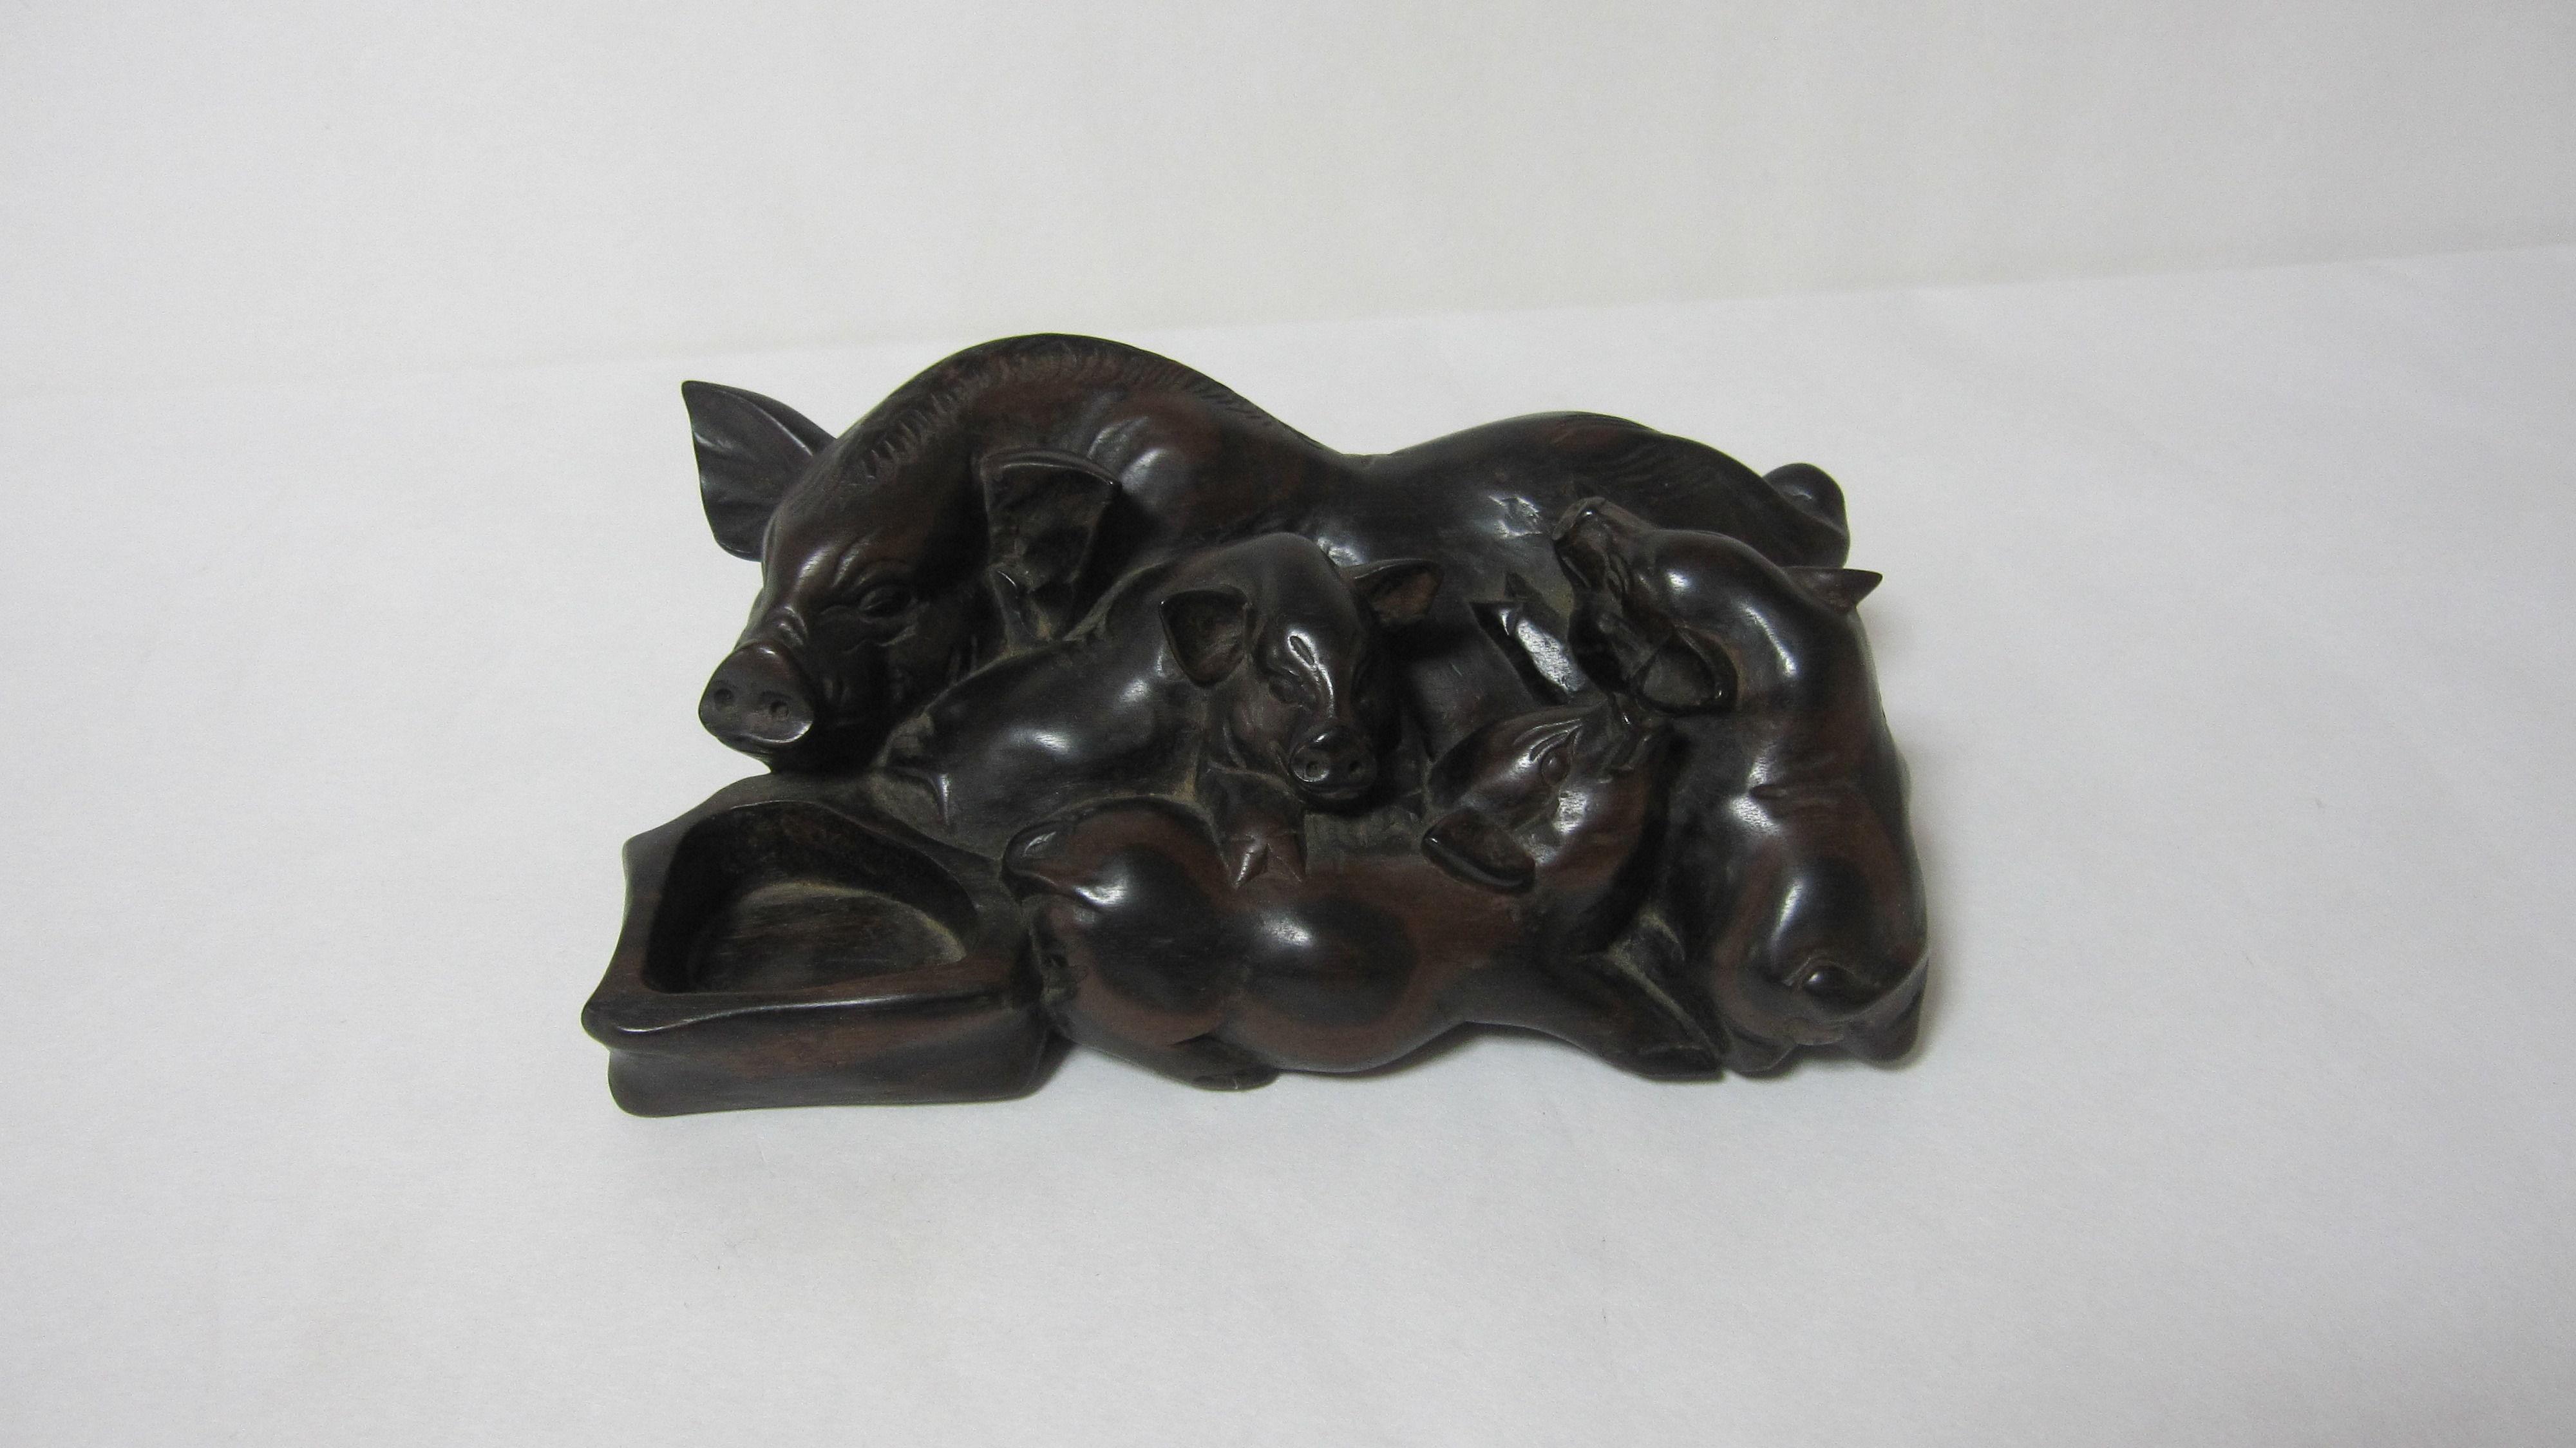 79.豚の親子(黒檀材)            (幅20.5×奥行12.5×高さ7.6cm)